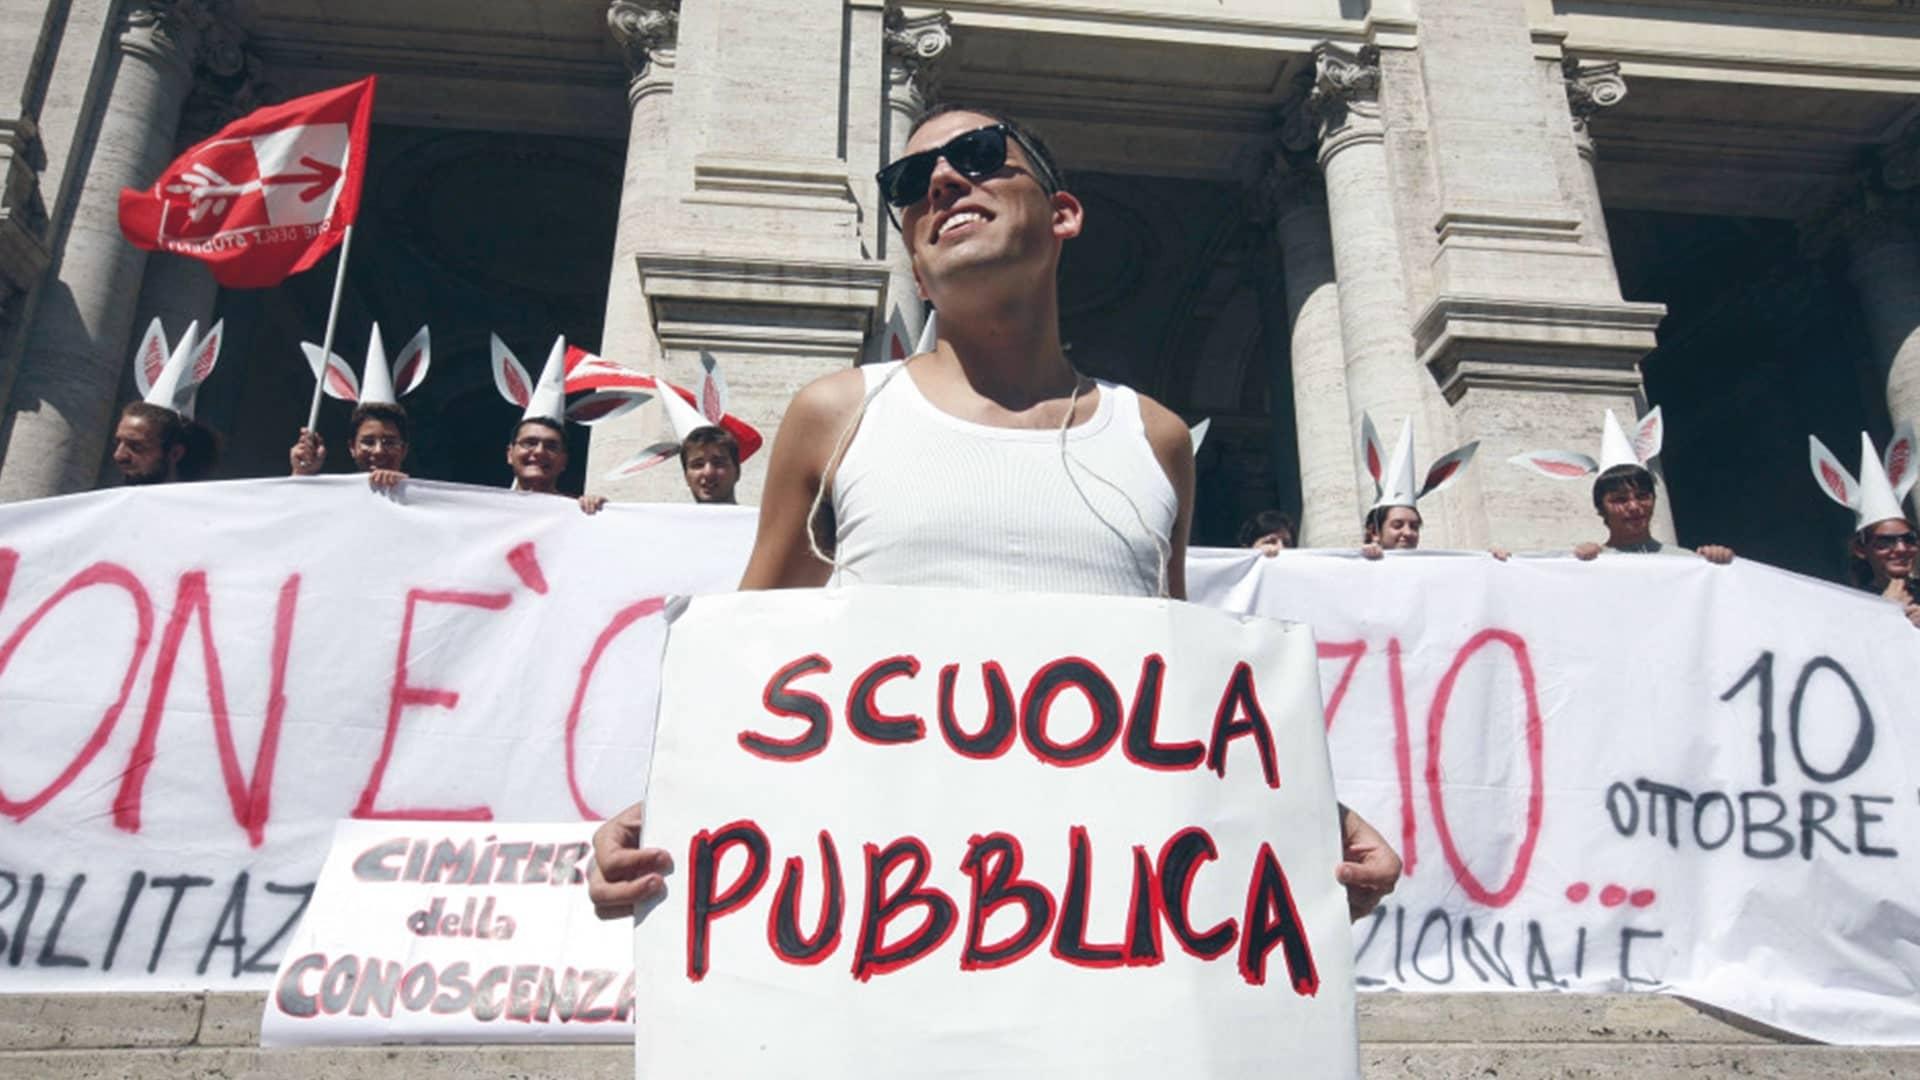 Nonostante le proteste i tagli alla scuola pubblica continuano